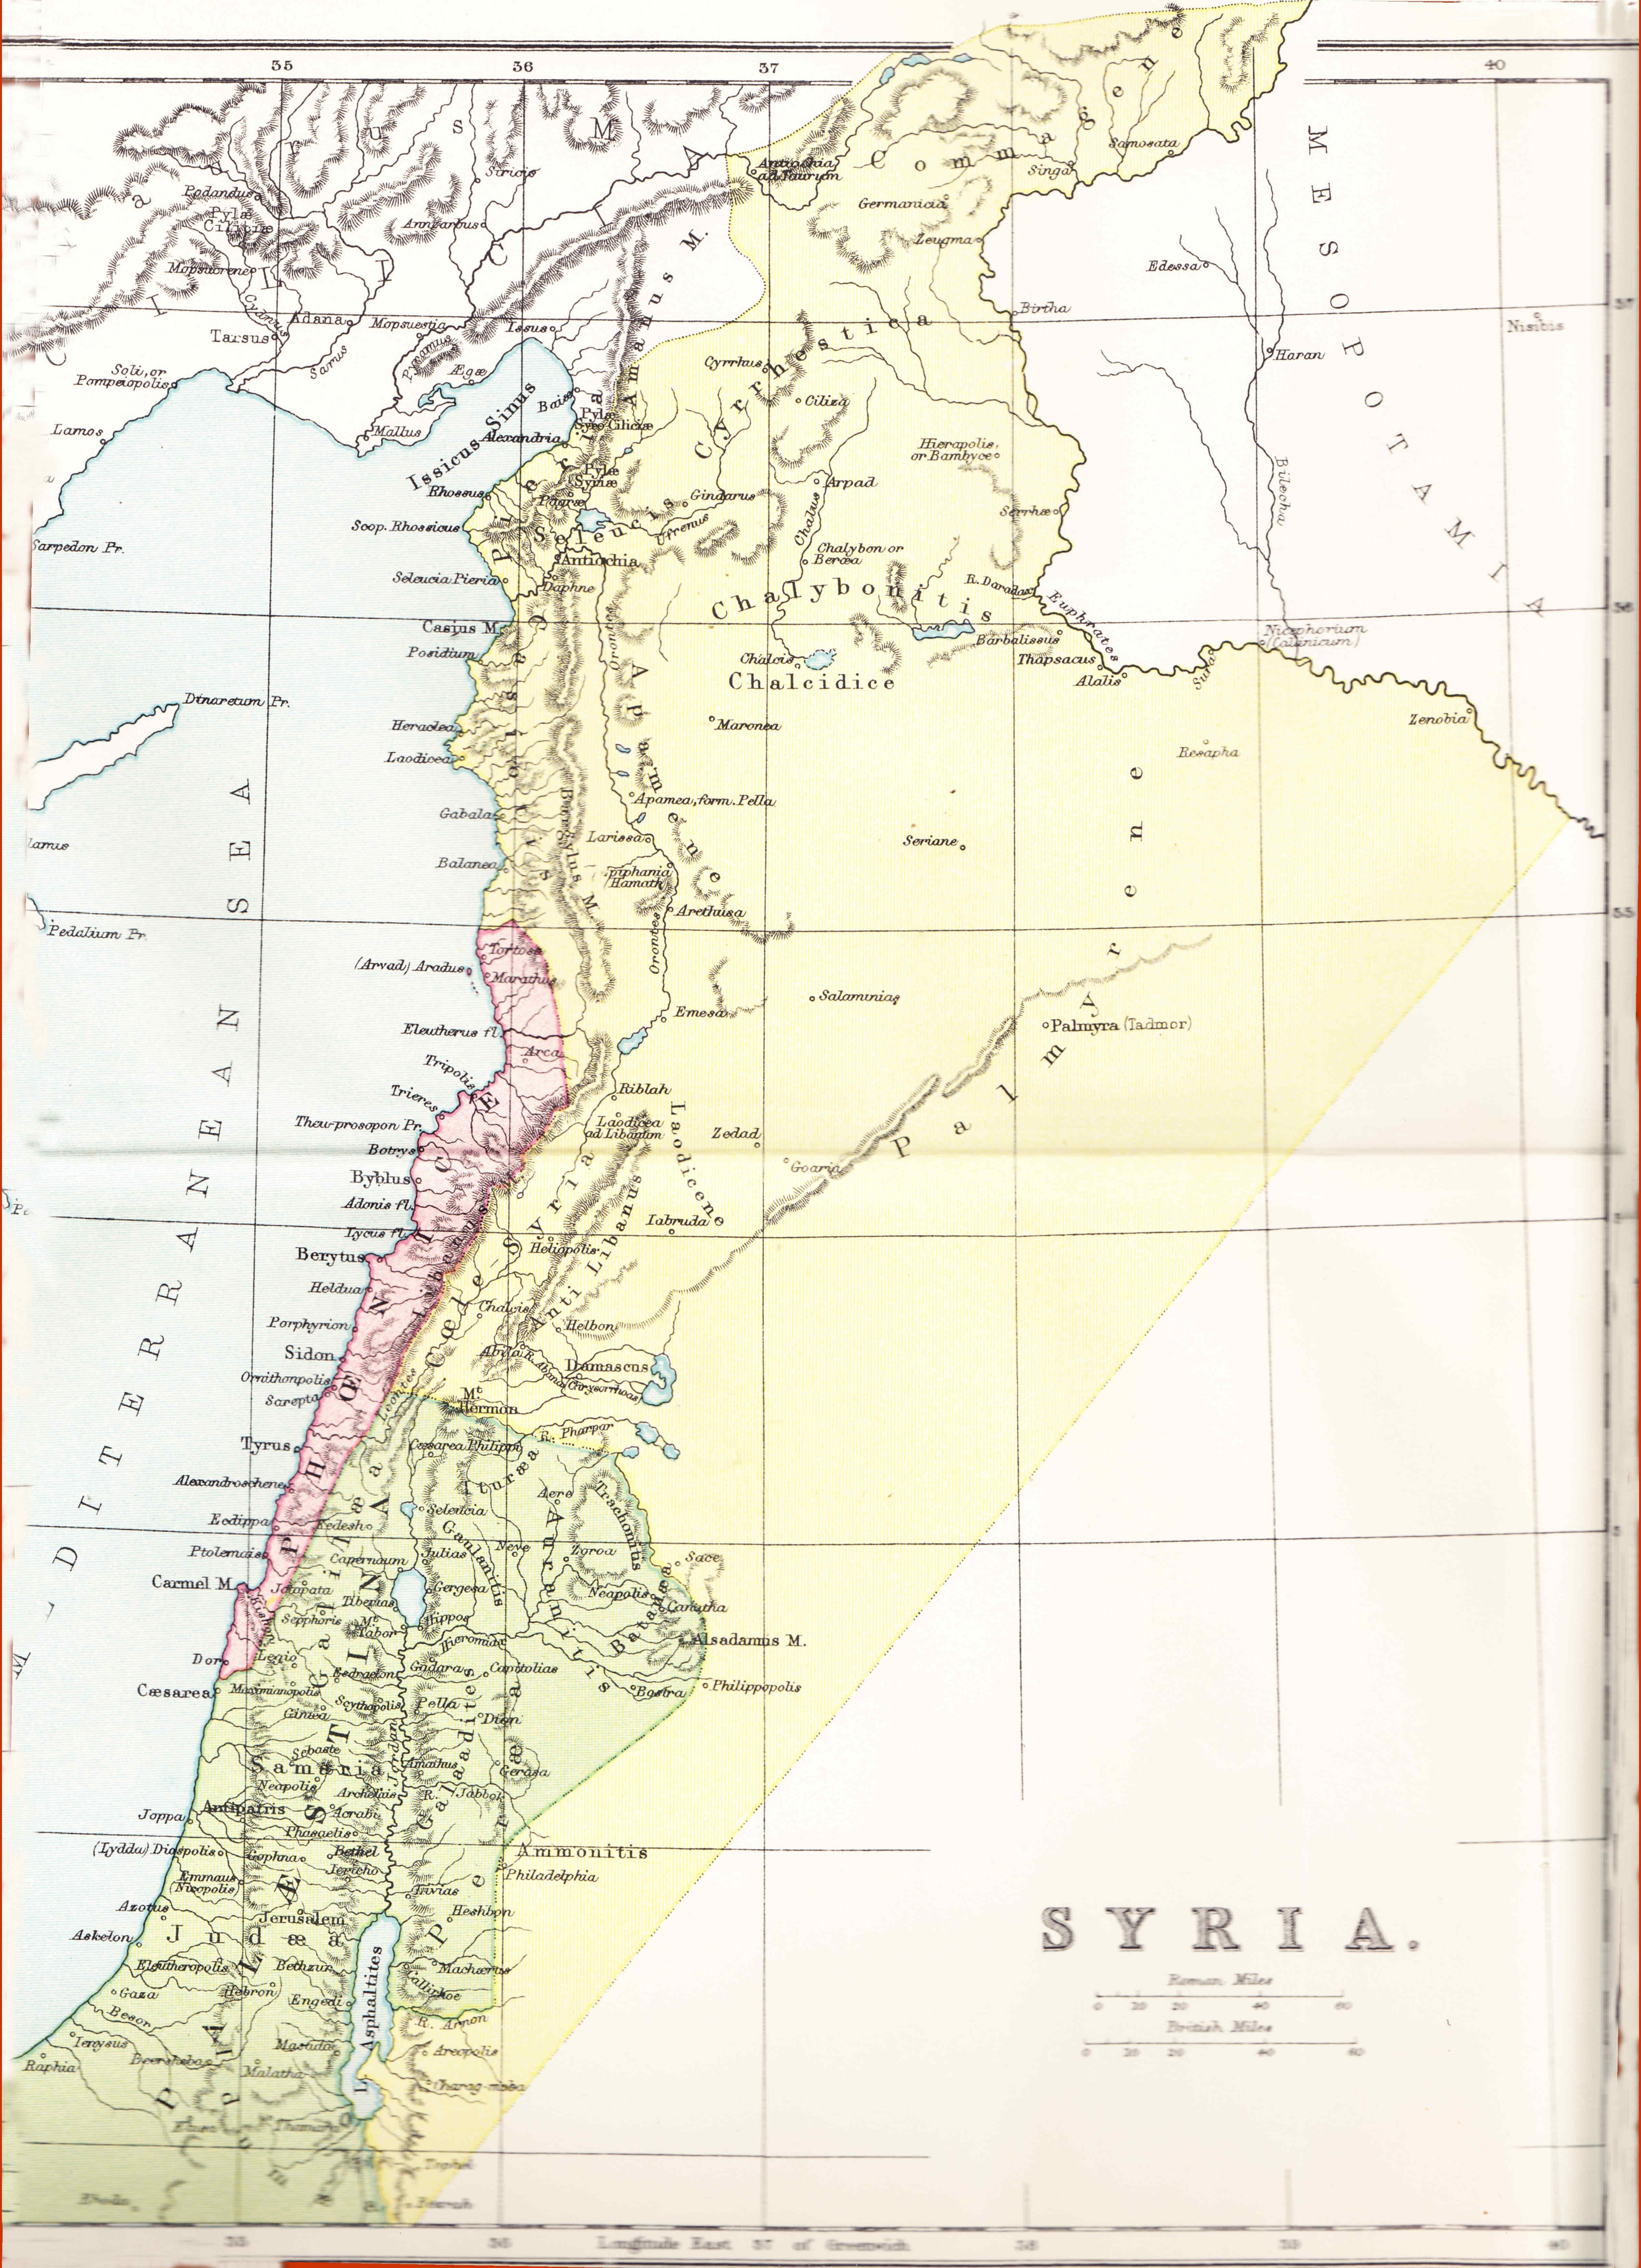 Egipto Antiguo 67 Oteando el futuro